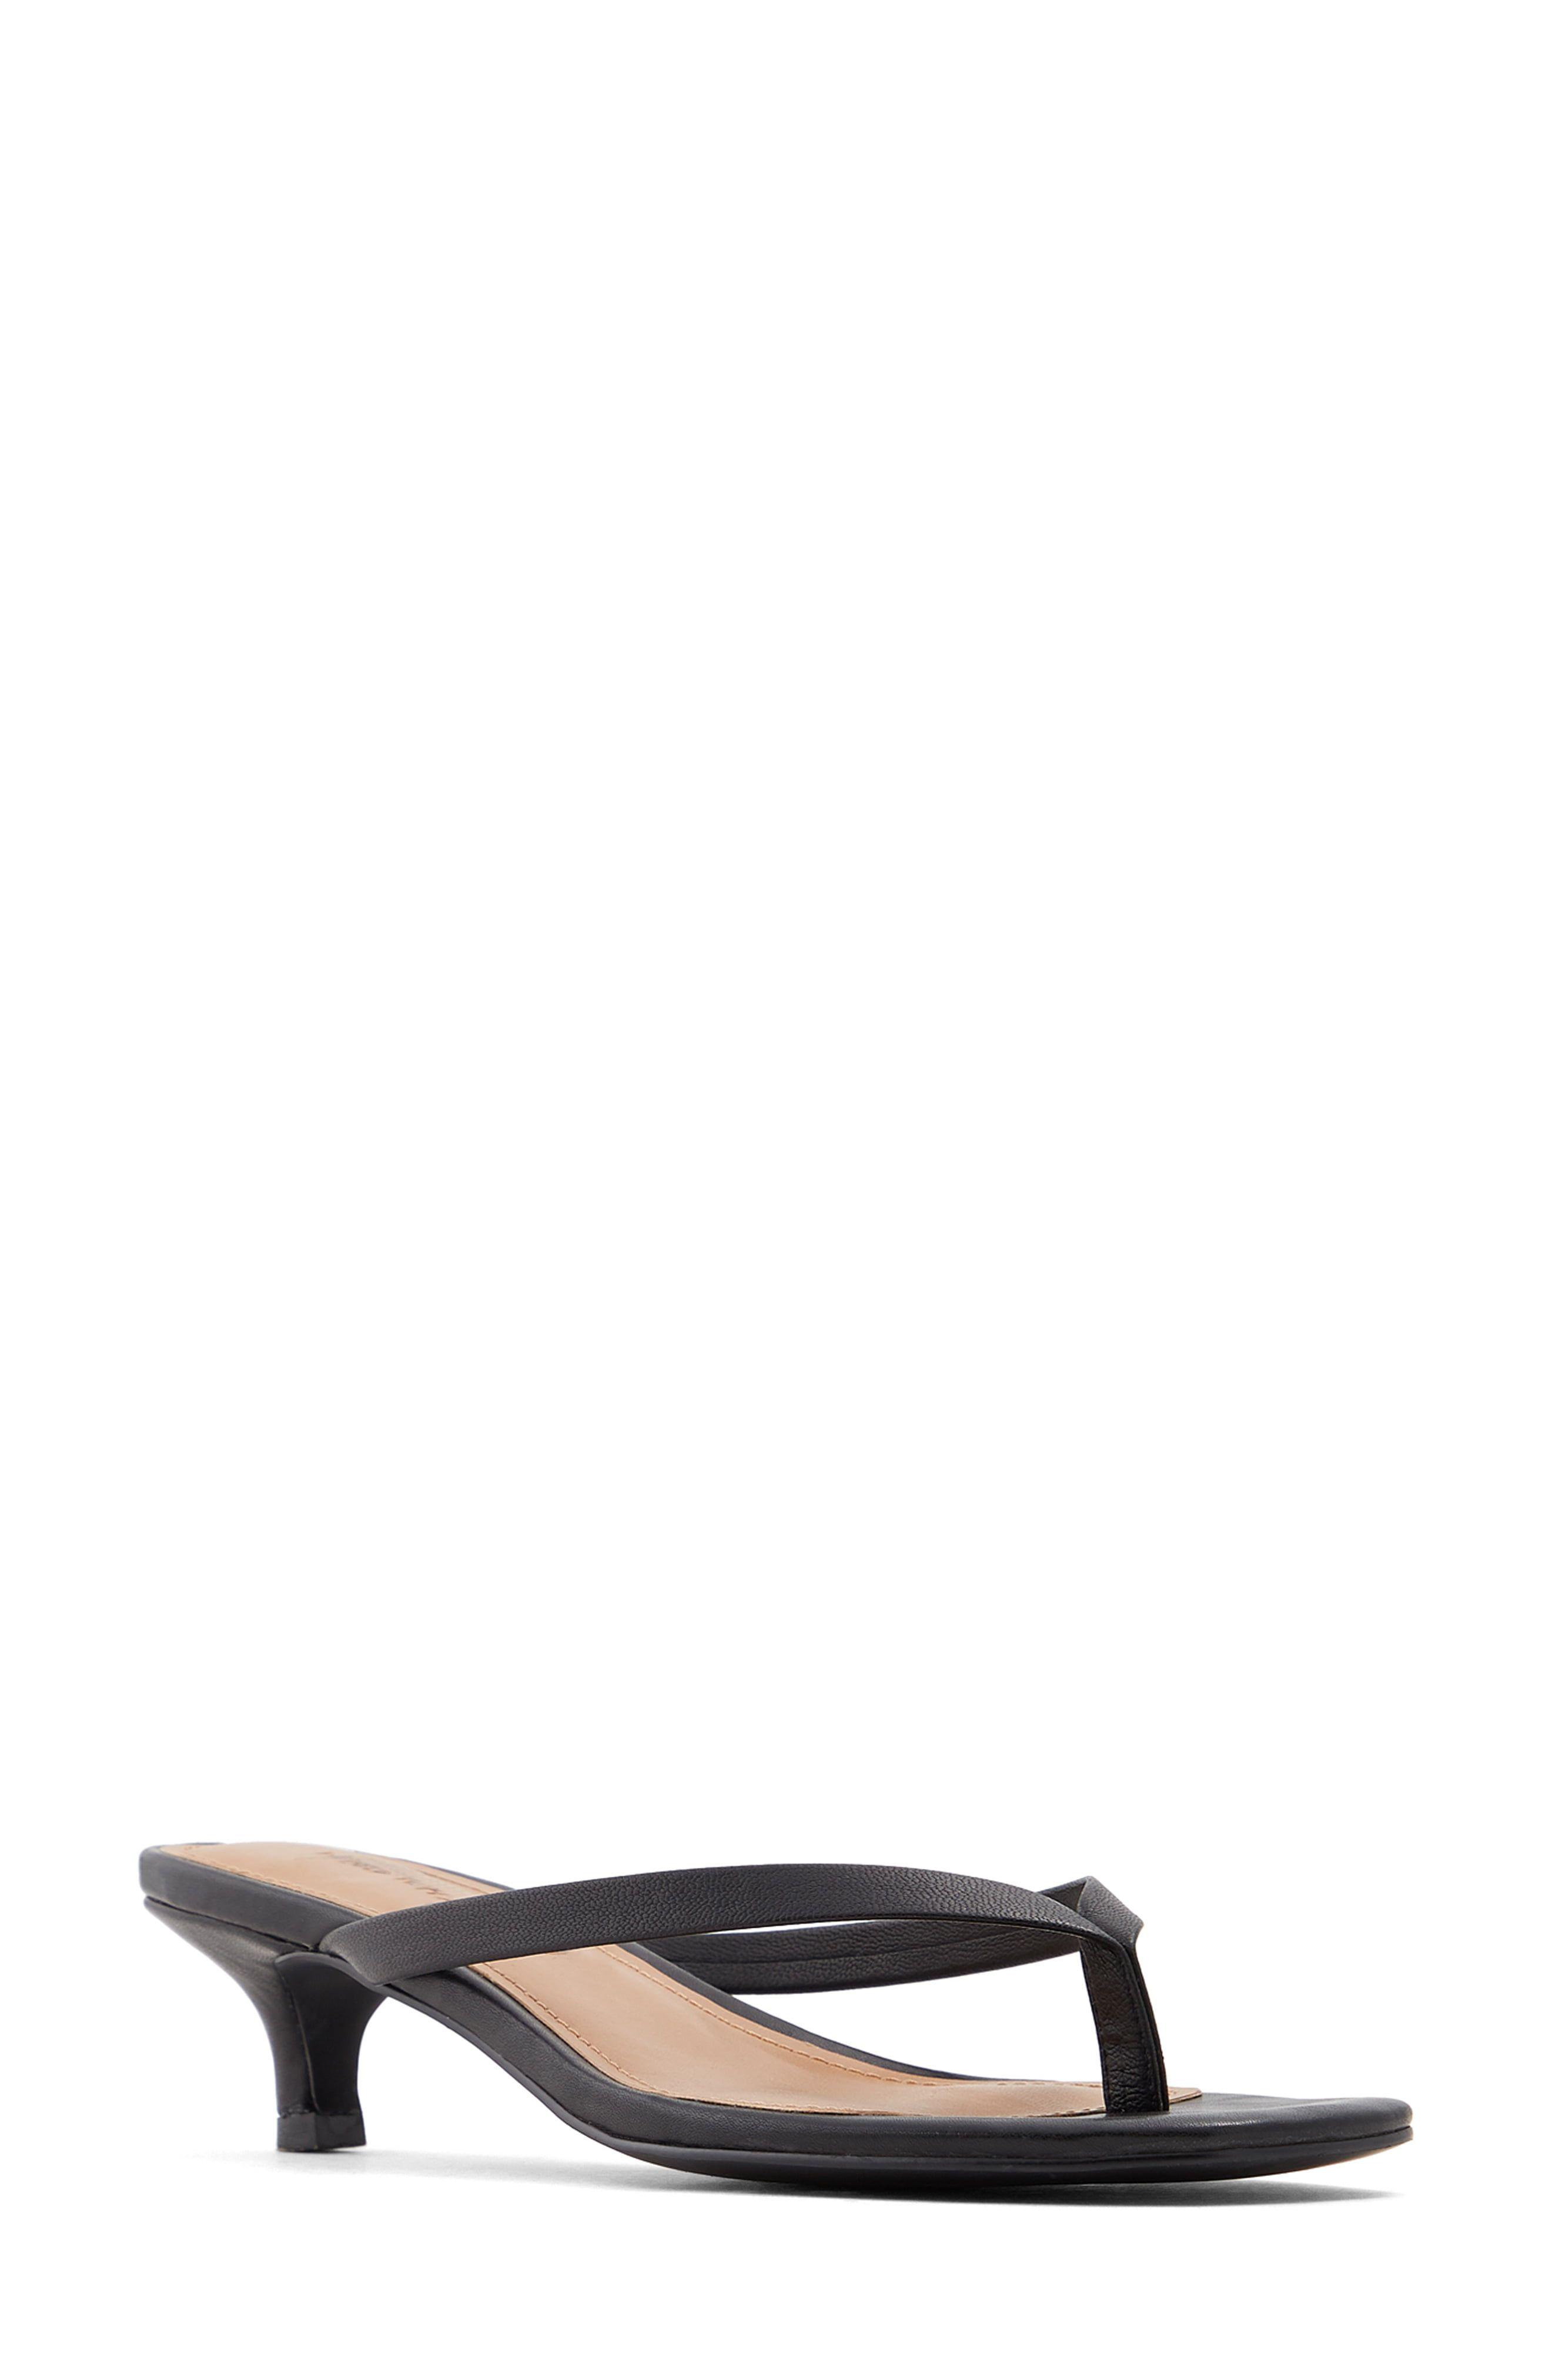 Women S Who What Wear Siena Kitten Heel Sandal Size 6 M Black